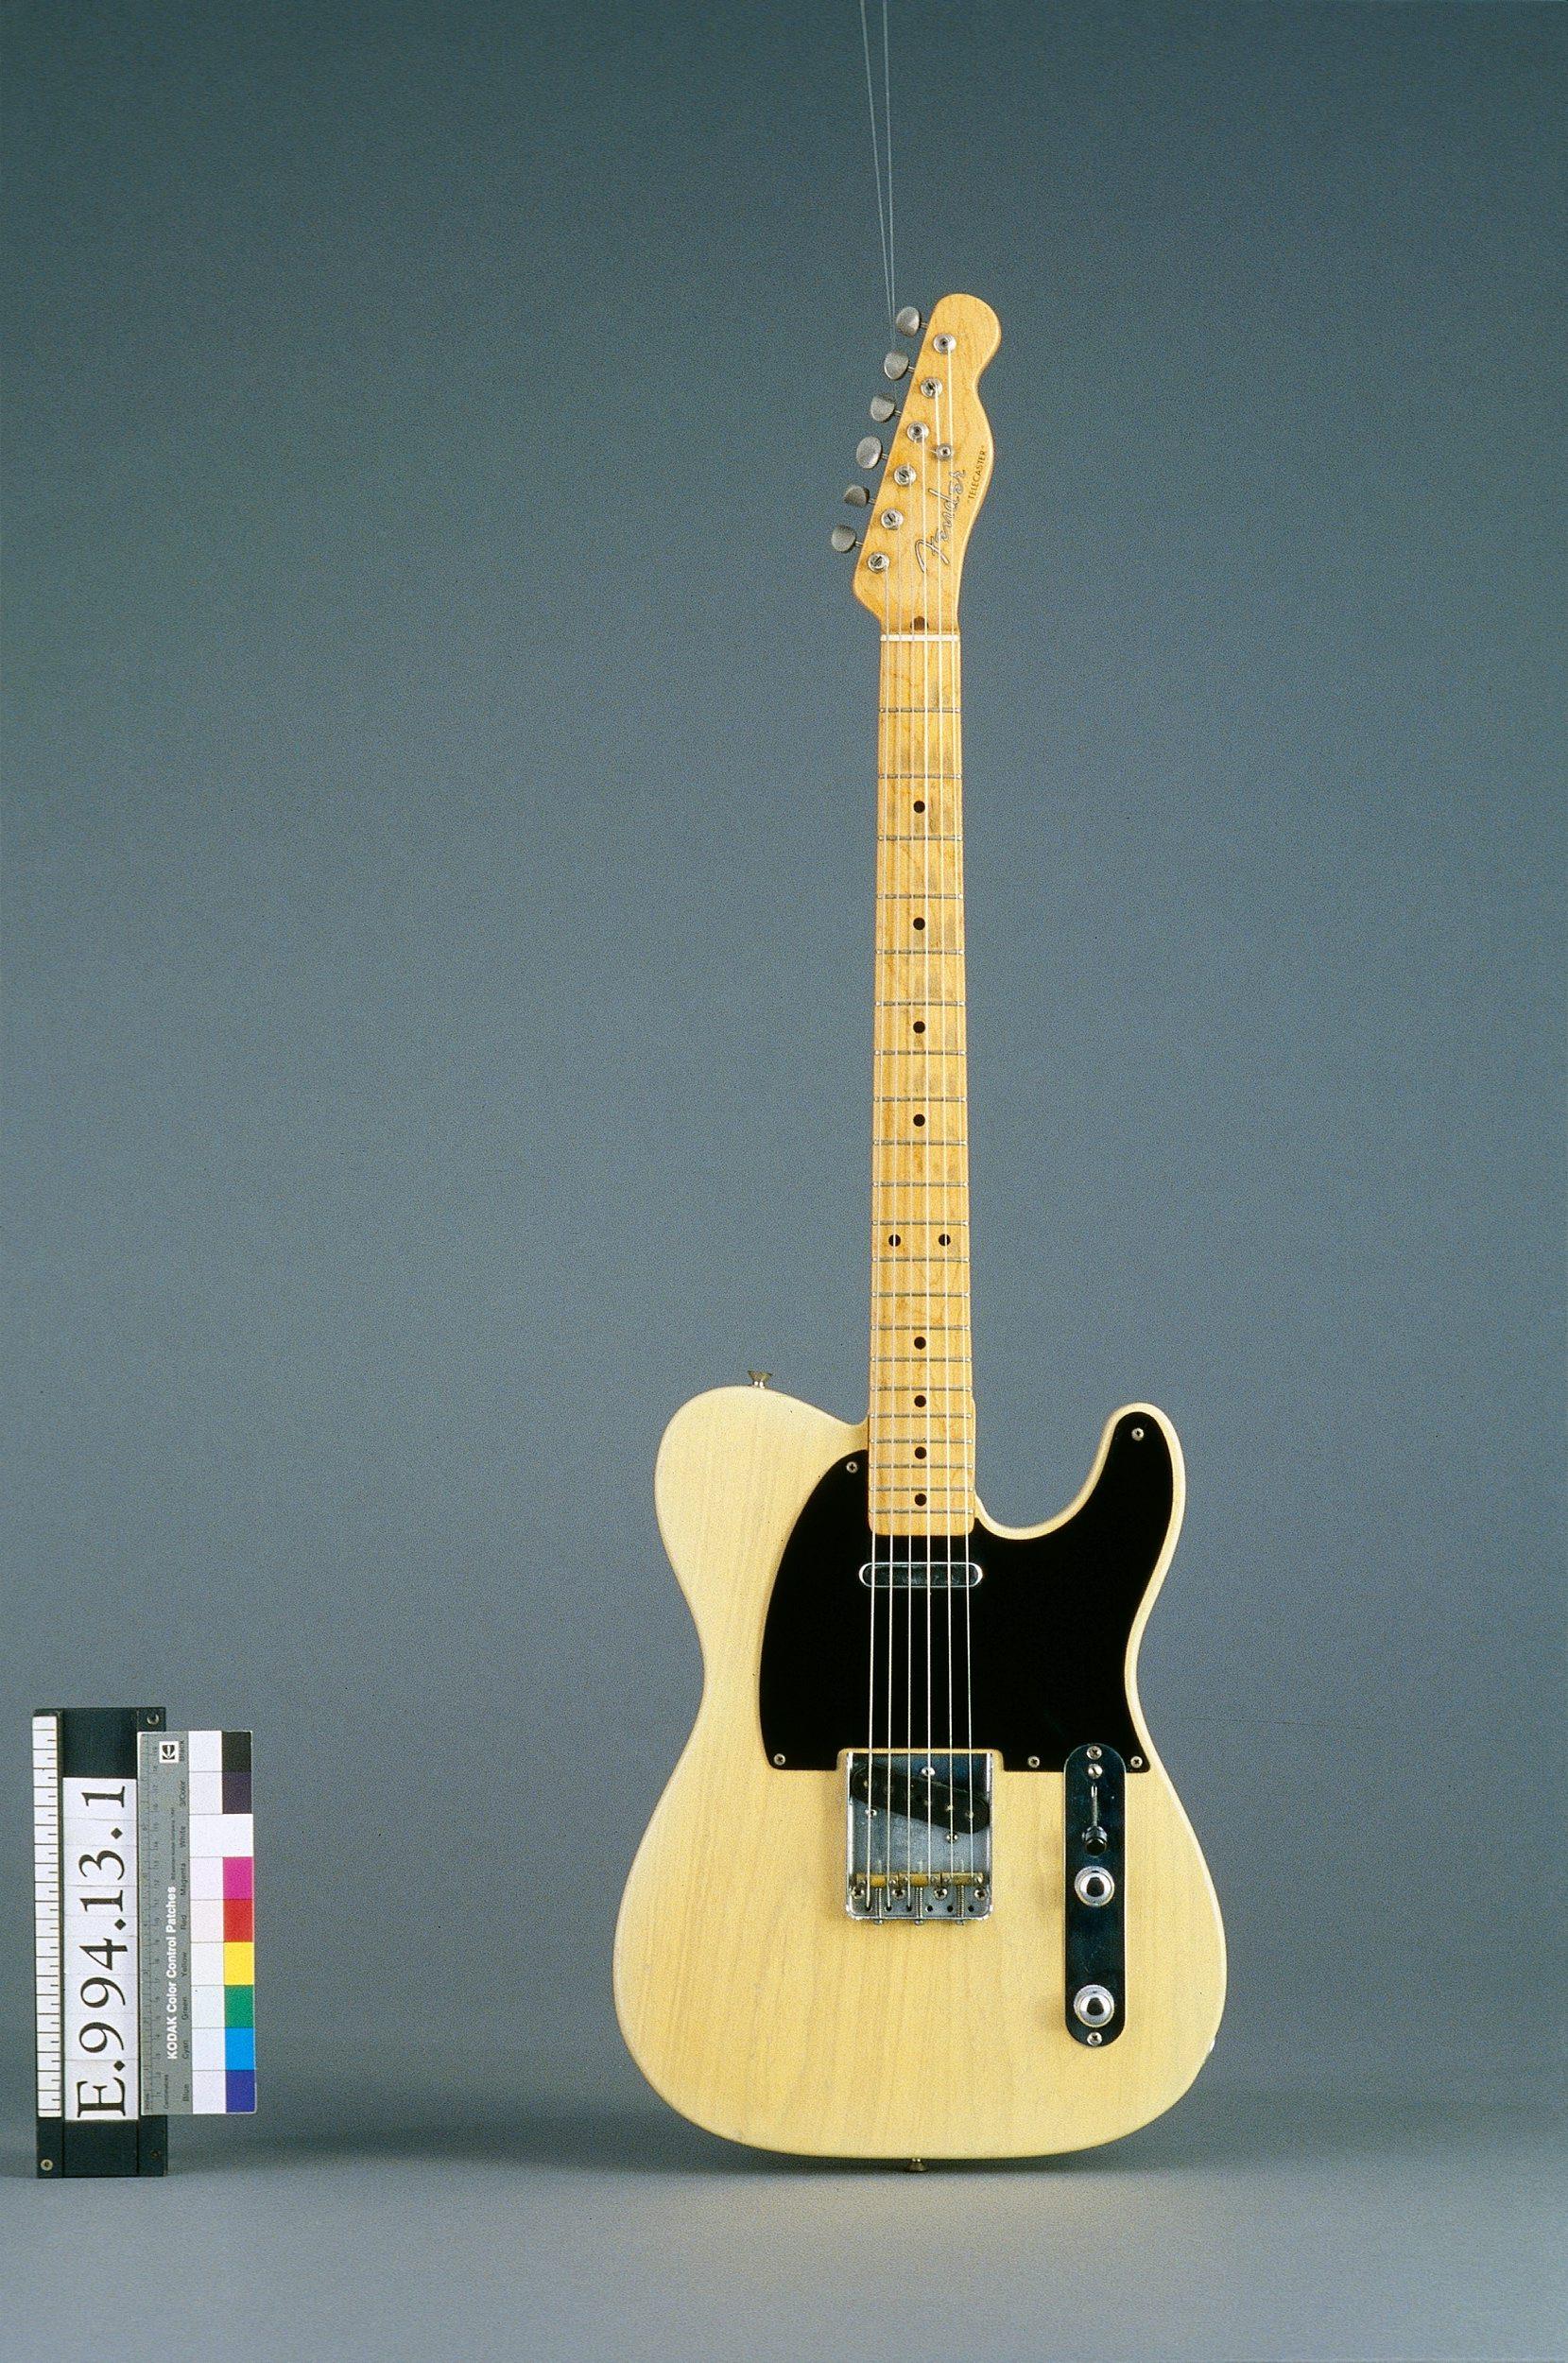 Guitare électrique modèle Telecaster   Fender